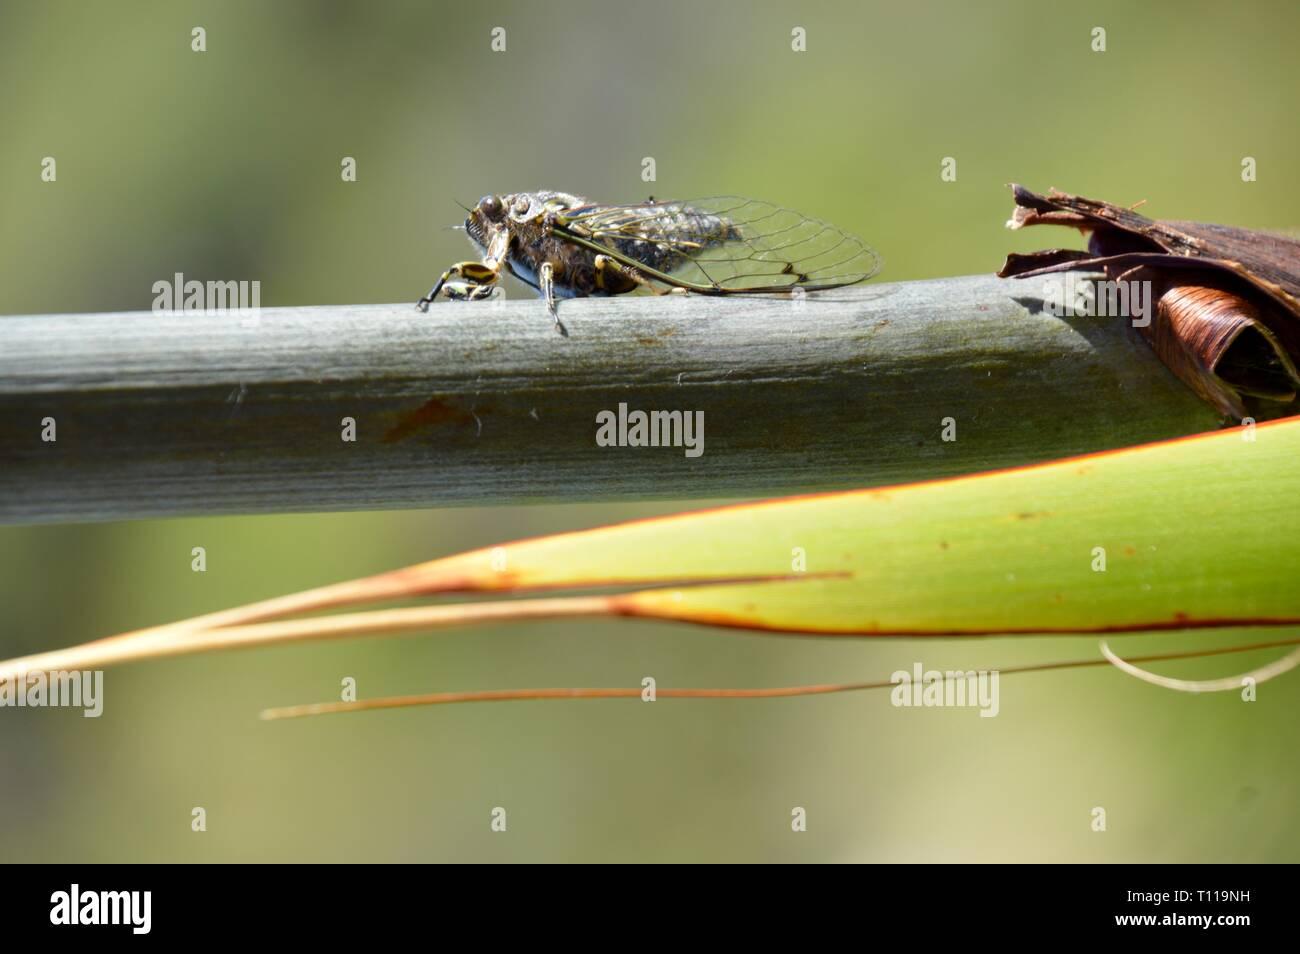 Schöne Kricket der enormen Lärm singen loudely mit ihren Flügeln Stockbild